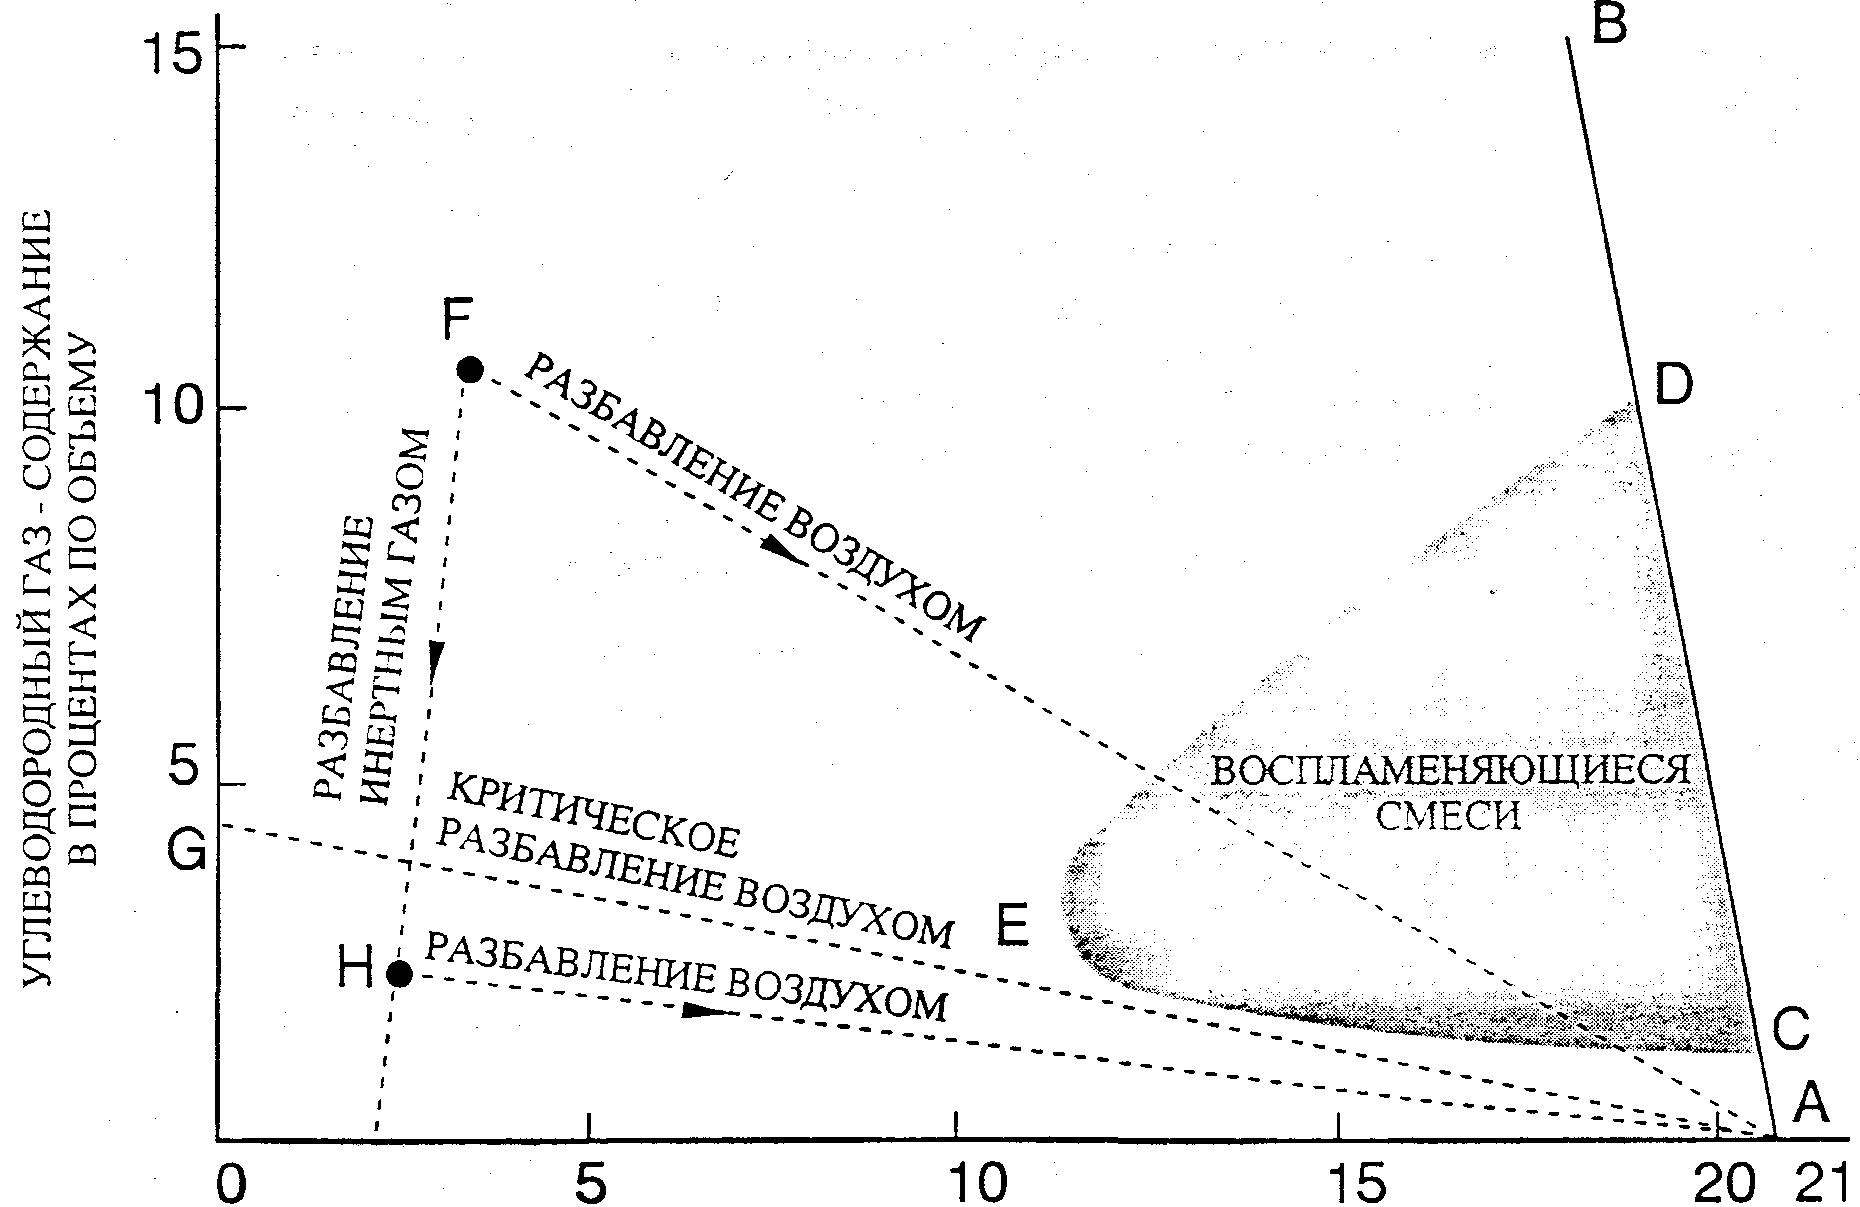 диаграмма экстренного торможения автомобиля